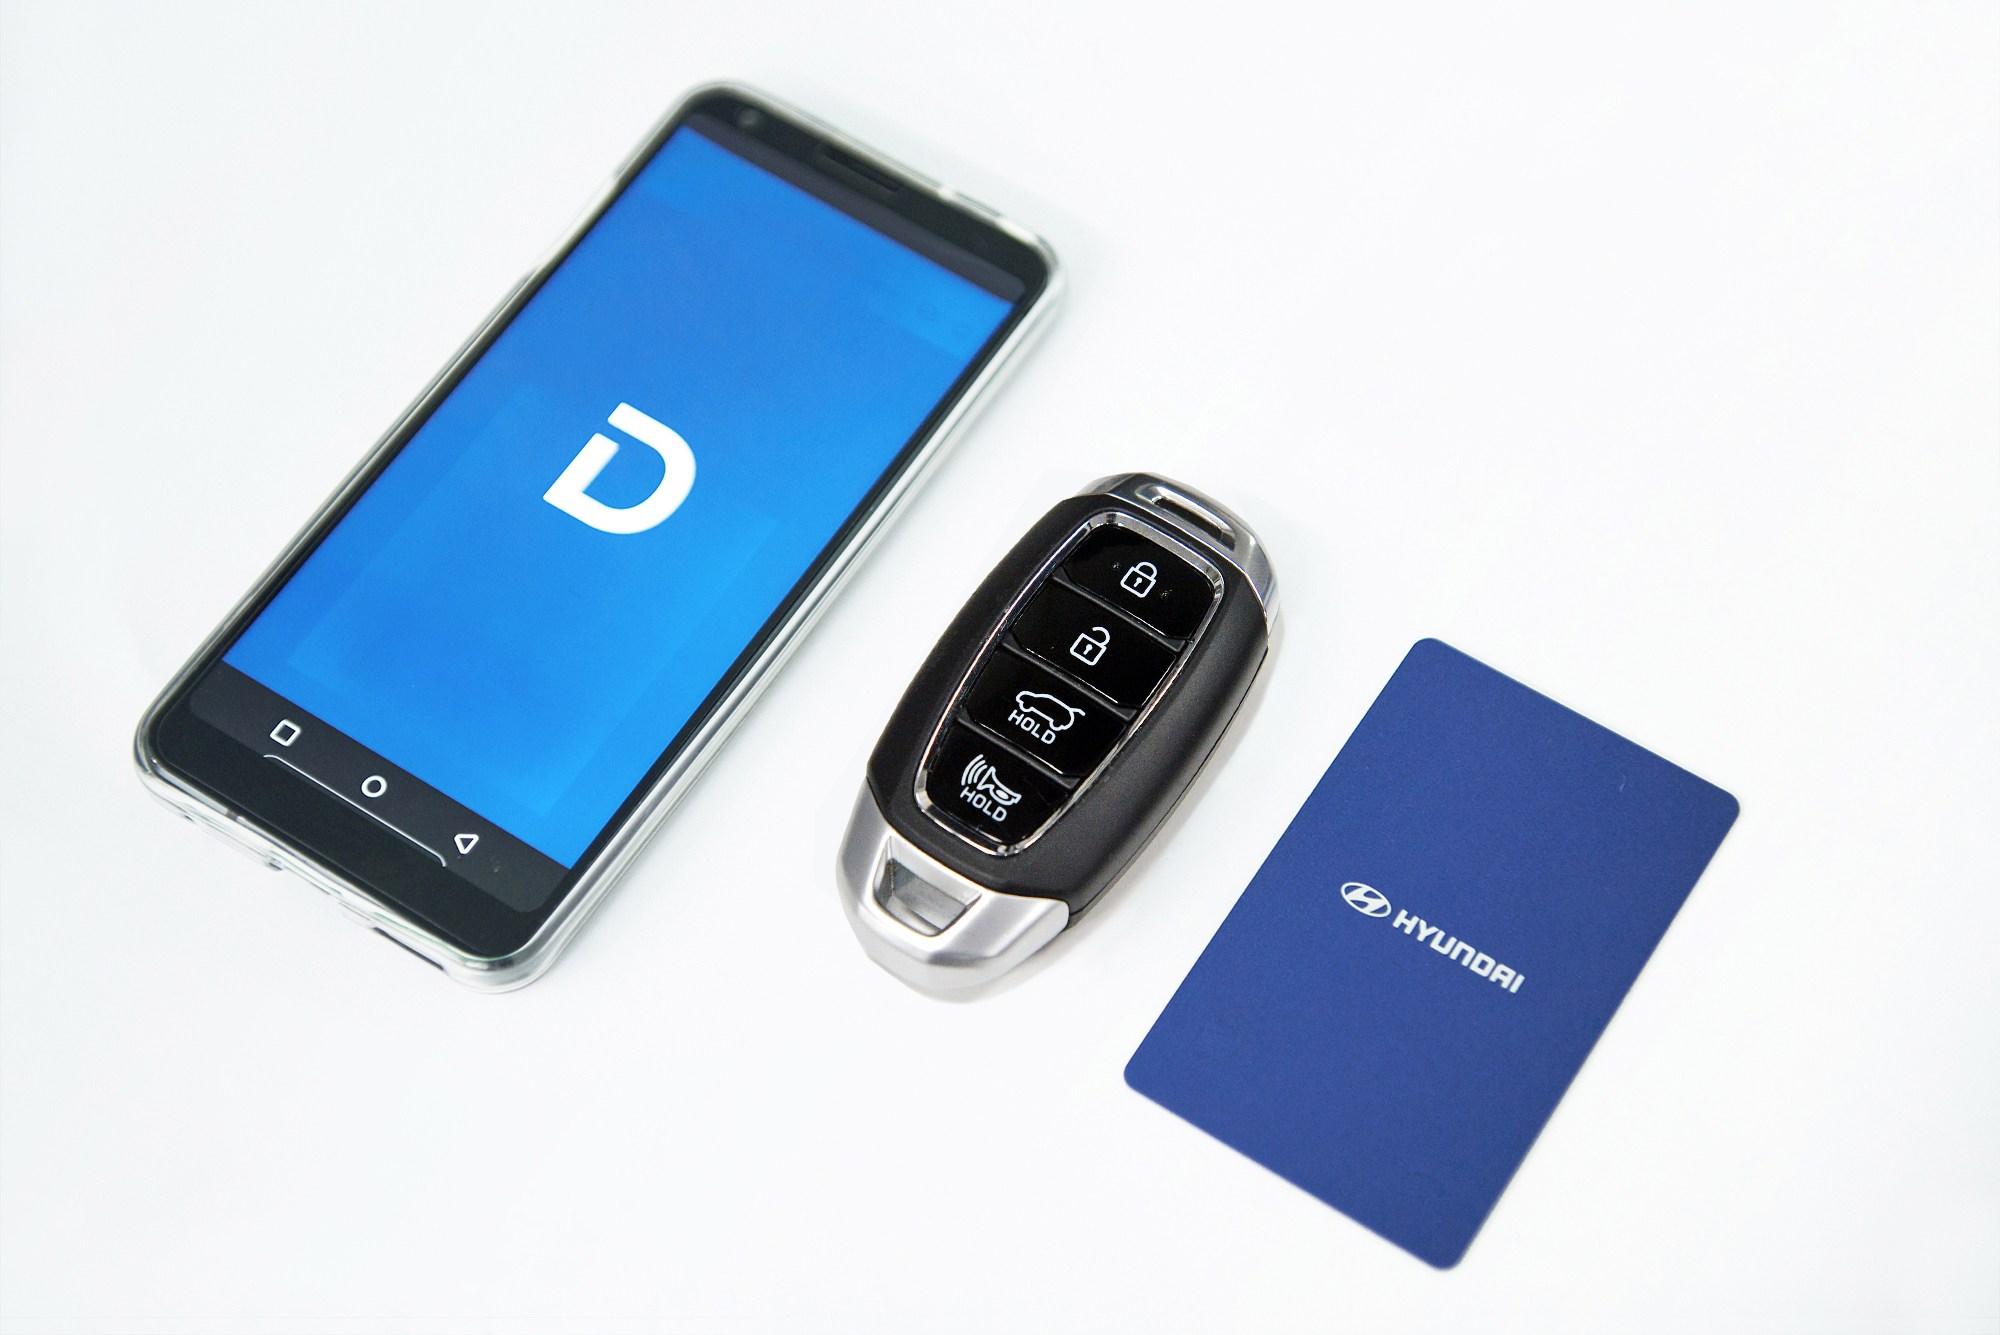 Ψηφιακό κλειδί που βασίζεται σε Smartphone δημιουργεί η Hyundai